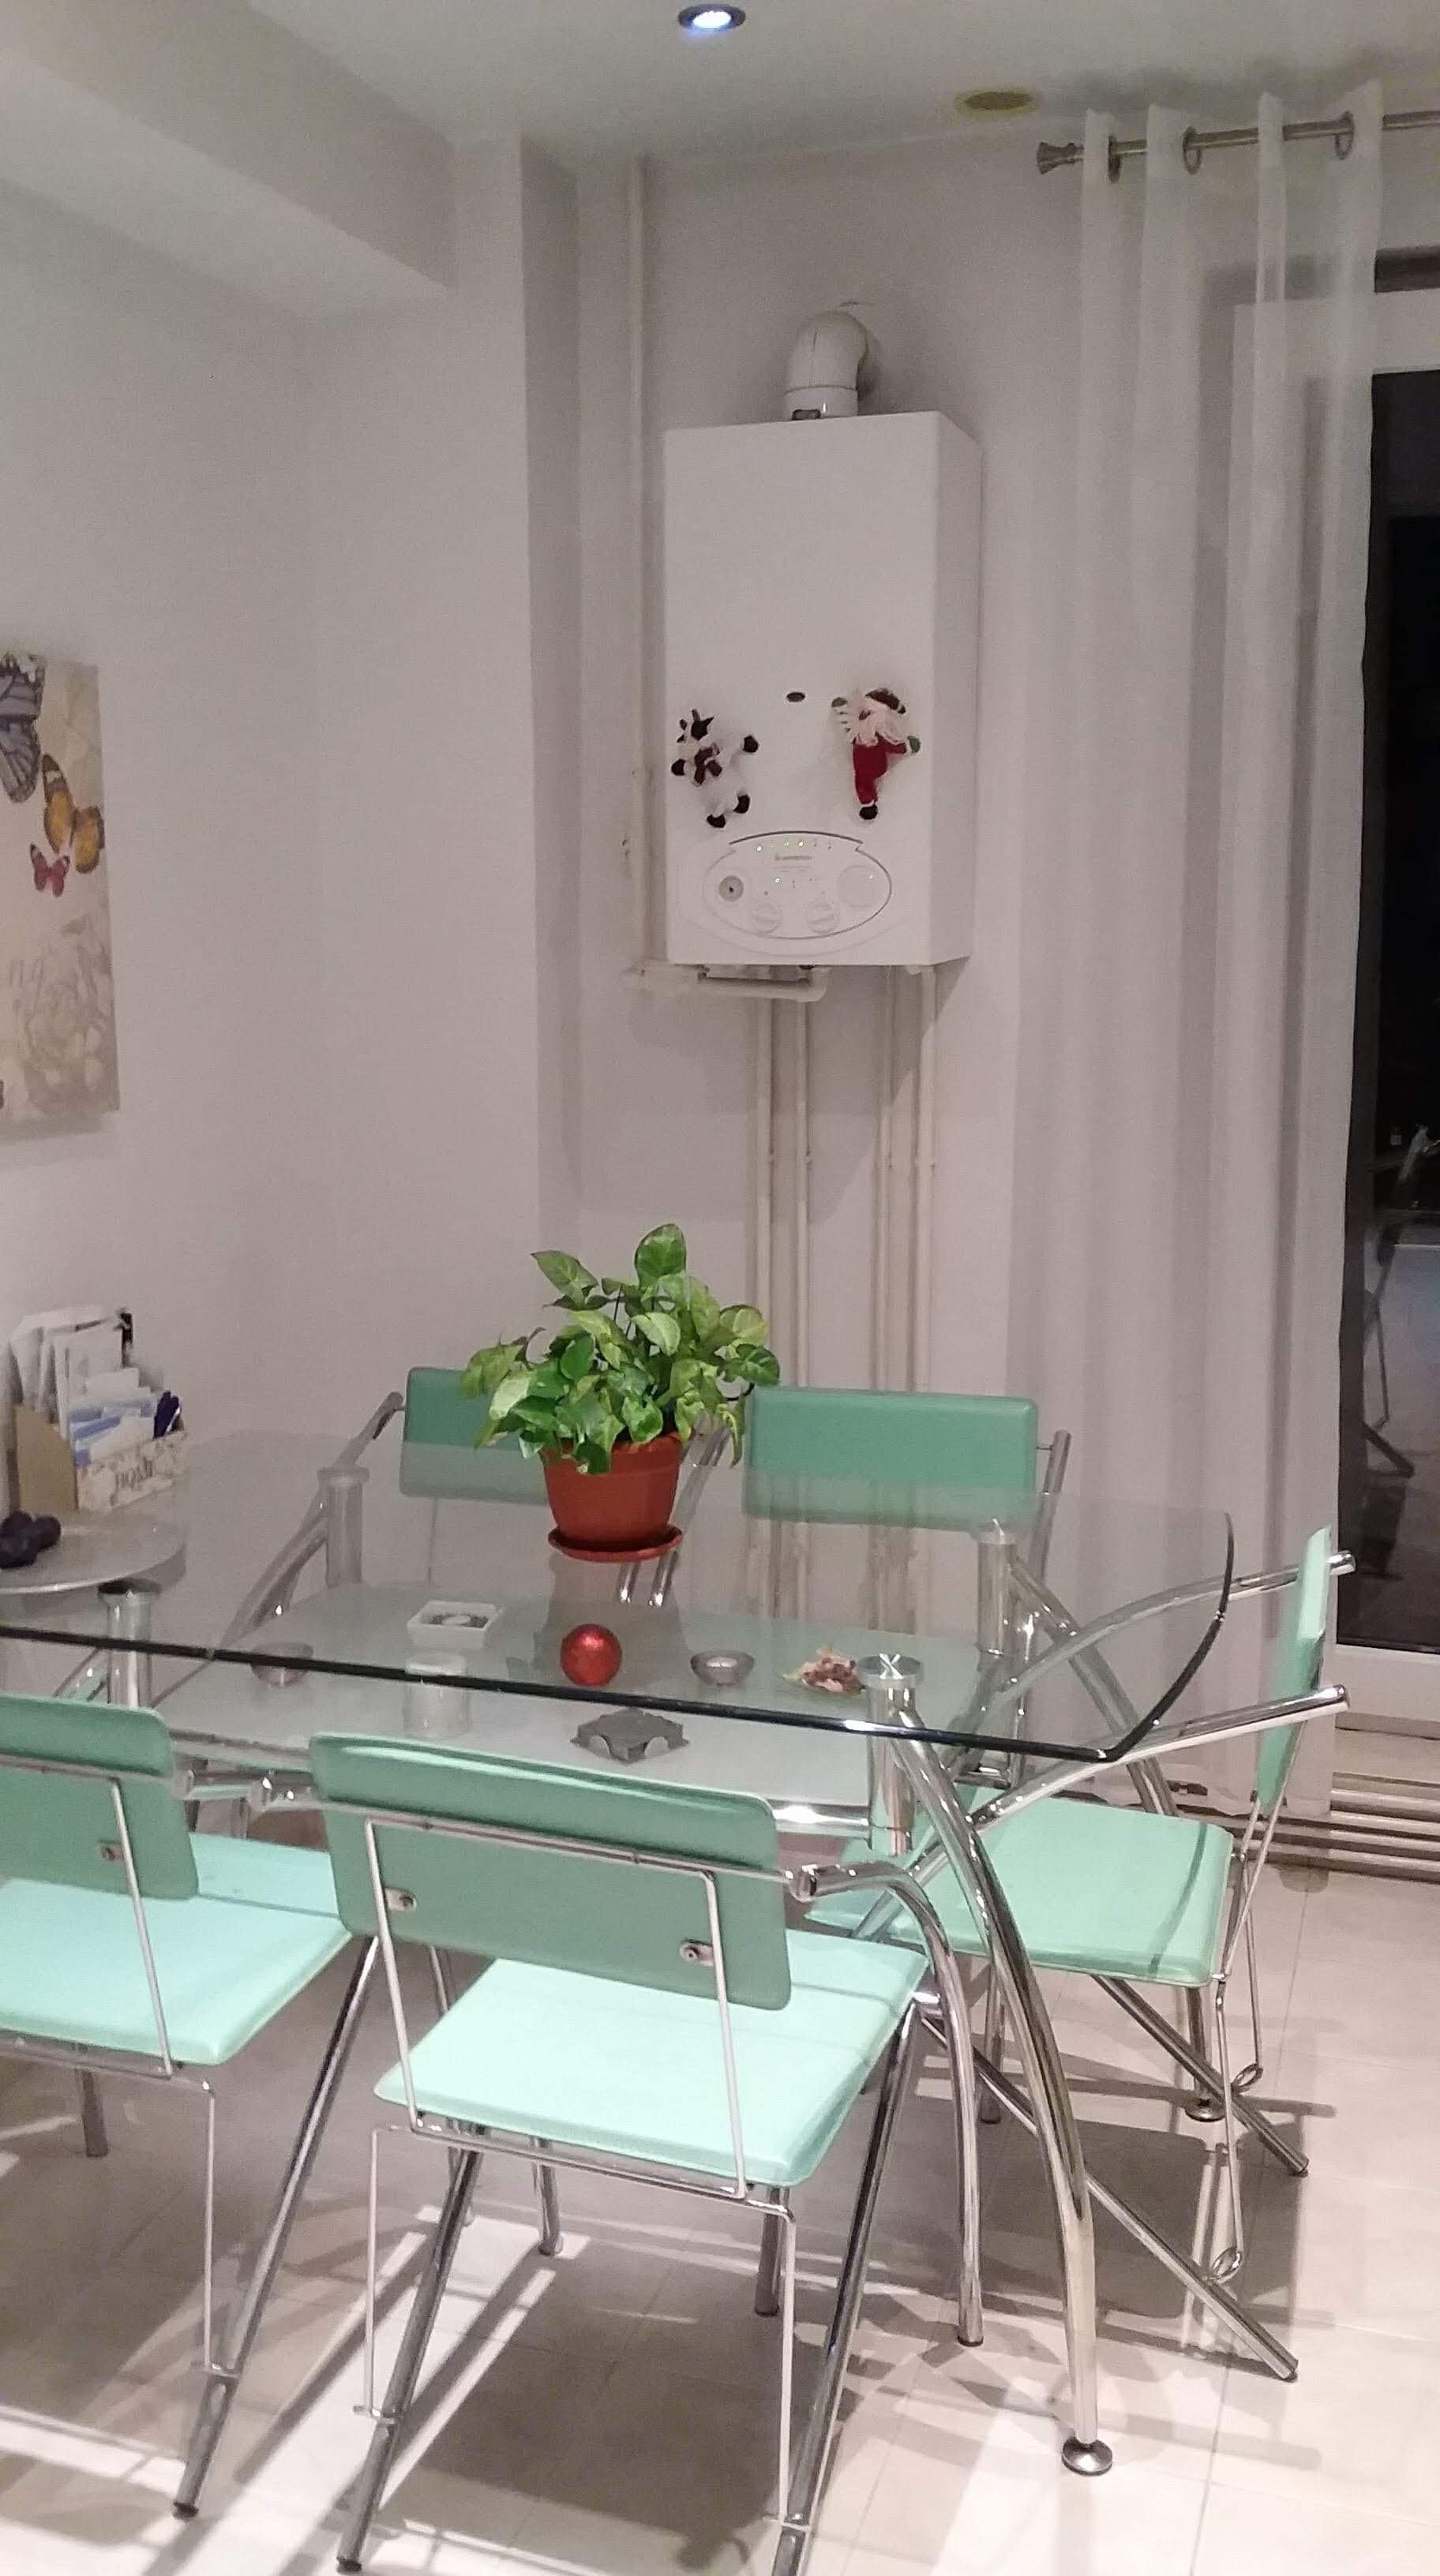 Apartament 2 camere decomandat de vanzare, Tg Mures Tudor B- dul Pandurilor